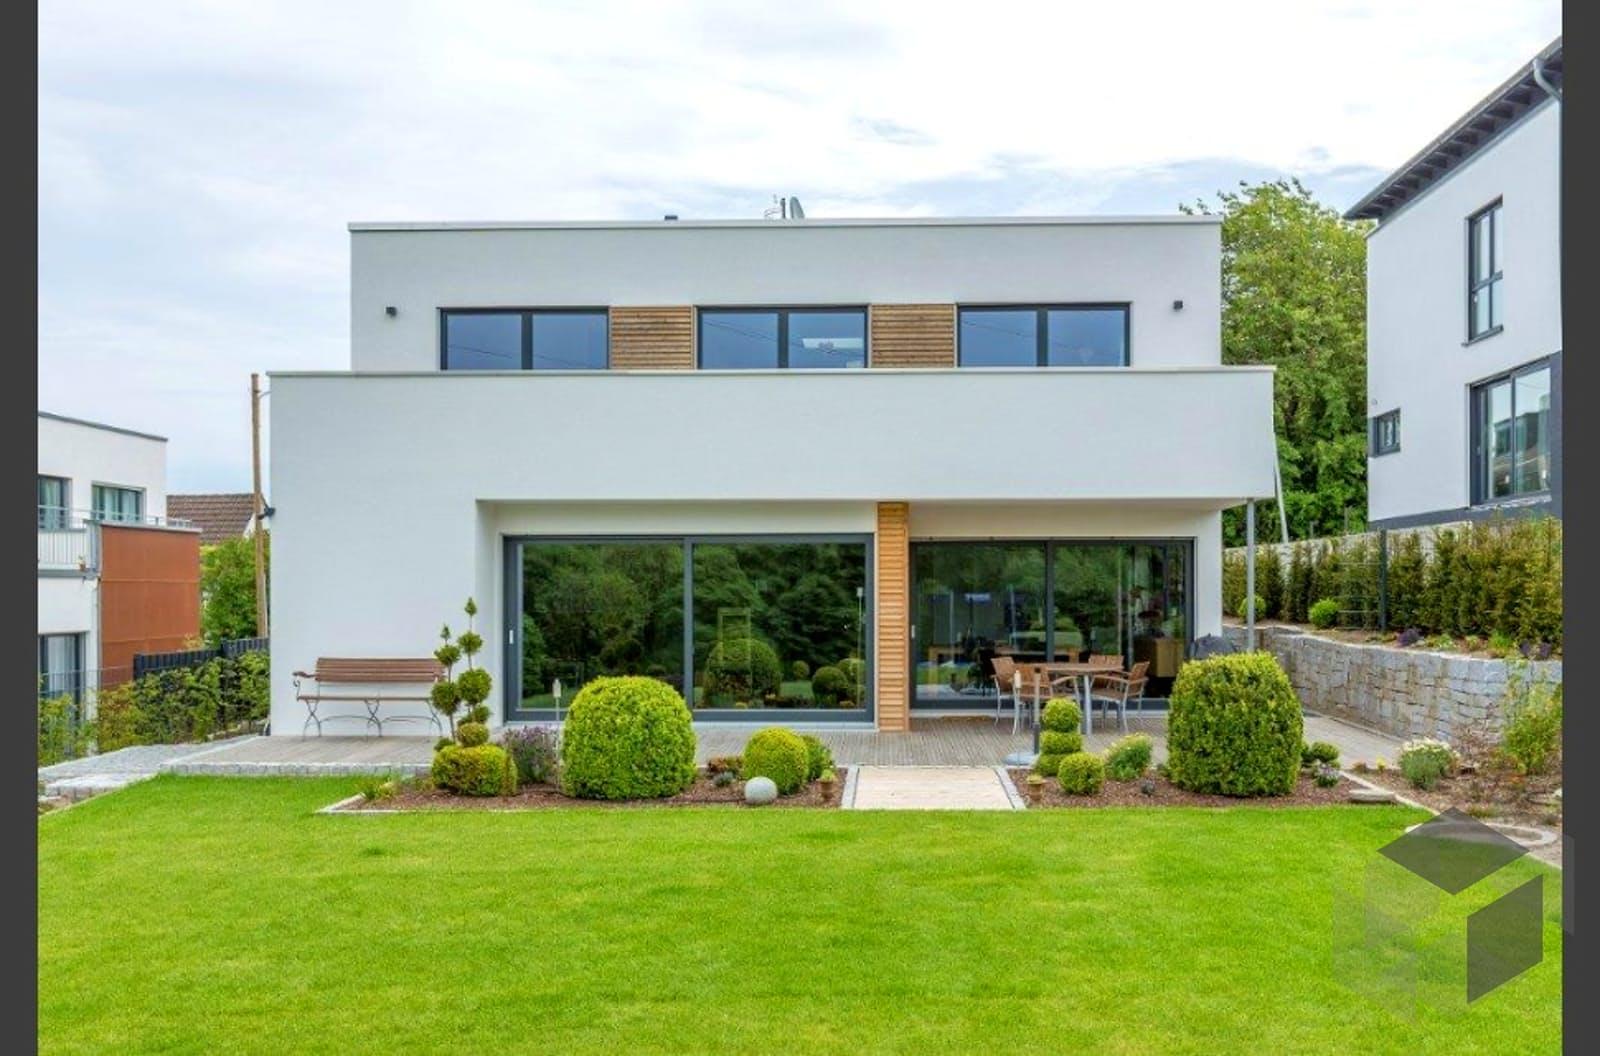 fertighaus bauhaus villa von meisterst ck haus. Black Bedroom Furniture Sets. Home Design Ideas